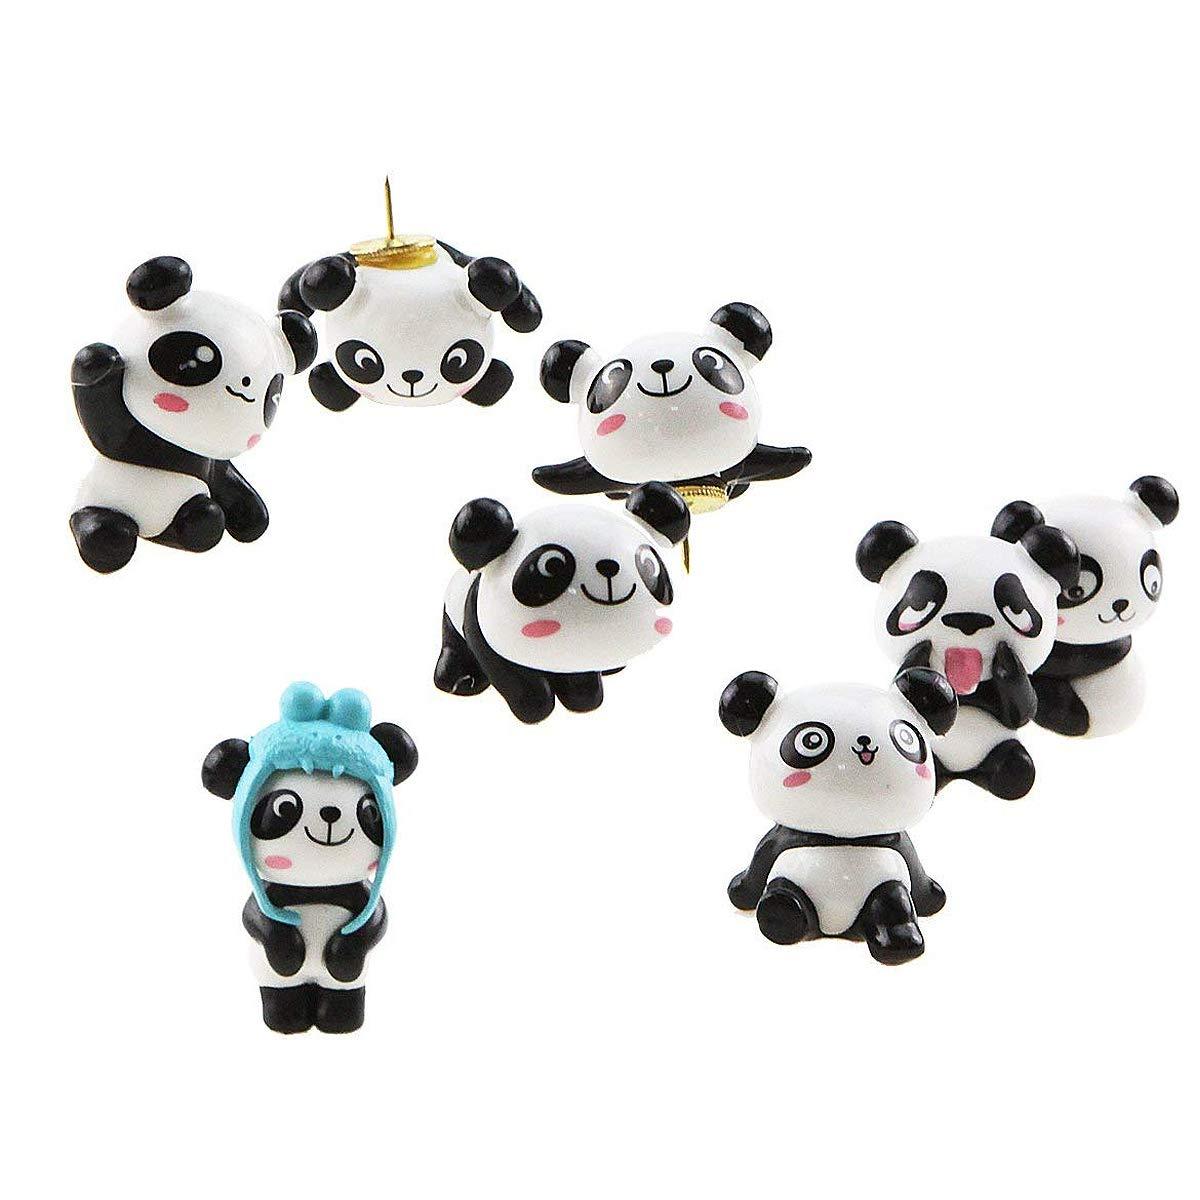 Cartoon Pushpin combinazione 8 pz simpatico panda puntine da disegno per funzione da parete, lavagna, bacheca, foto da parete Unigift